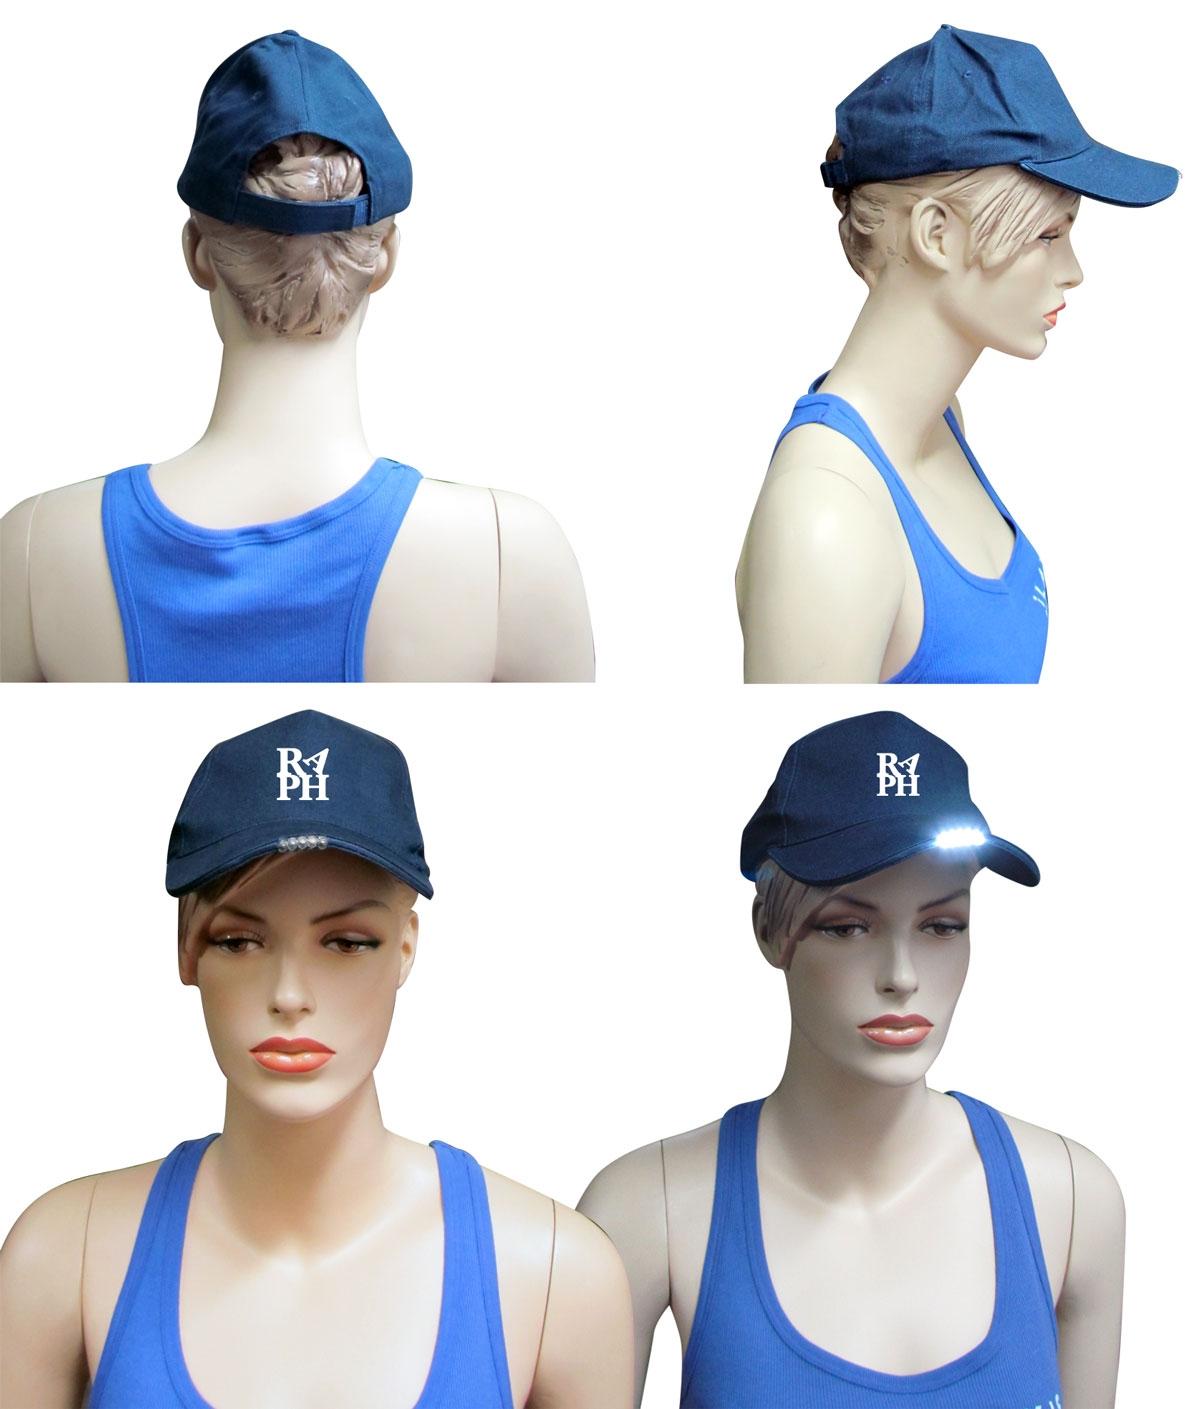 כובע עם פנס | כובעים | כובע מיוחד | כובע